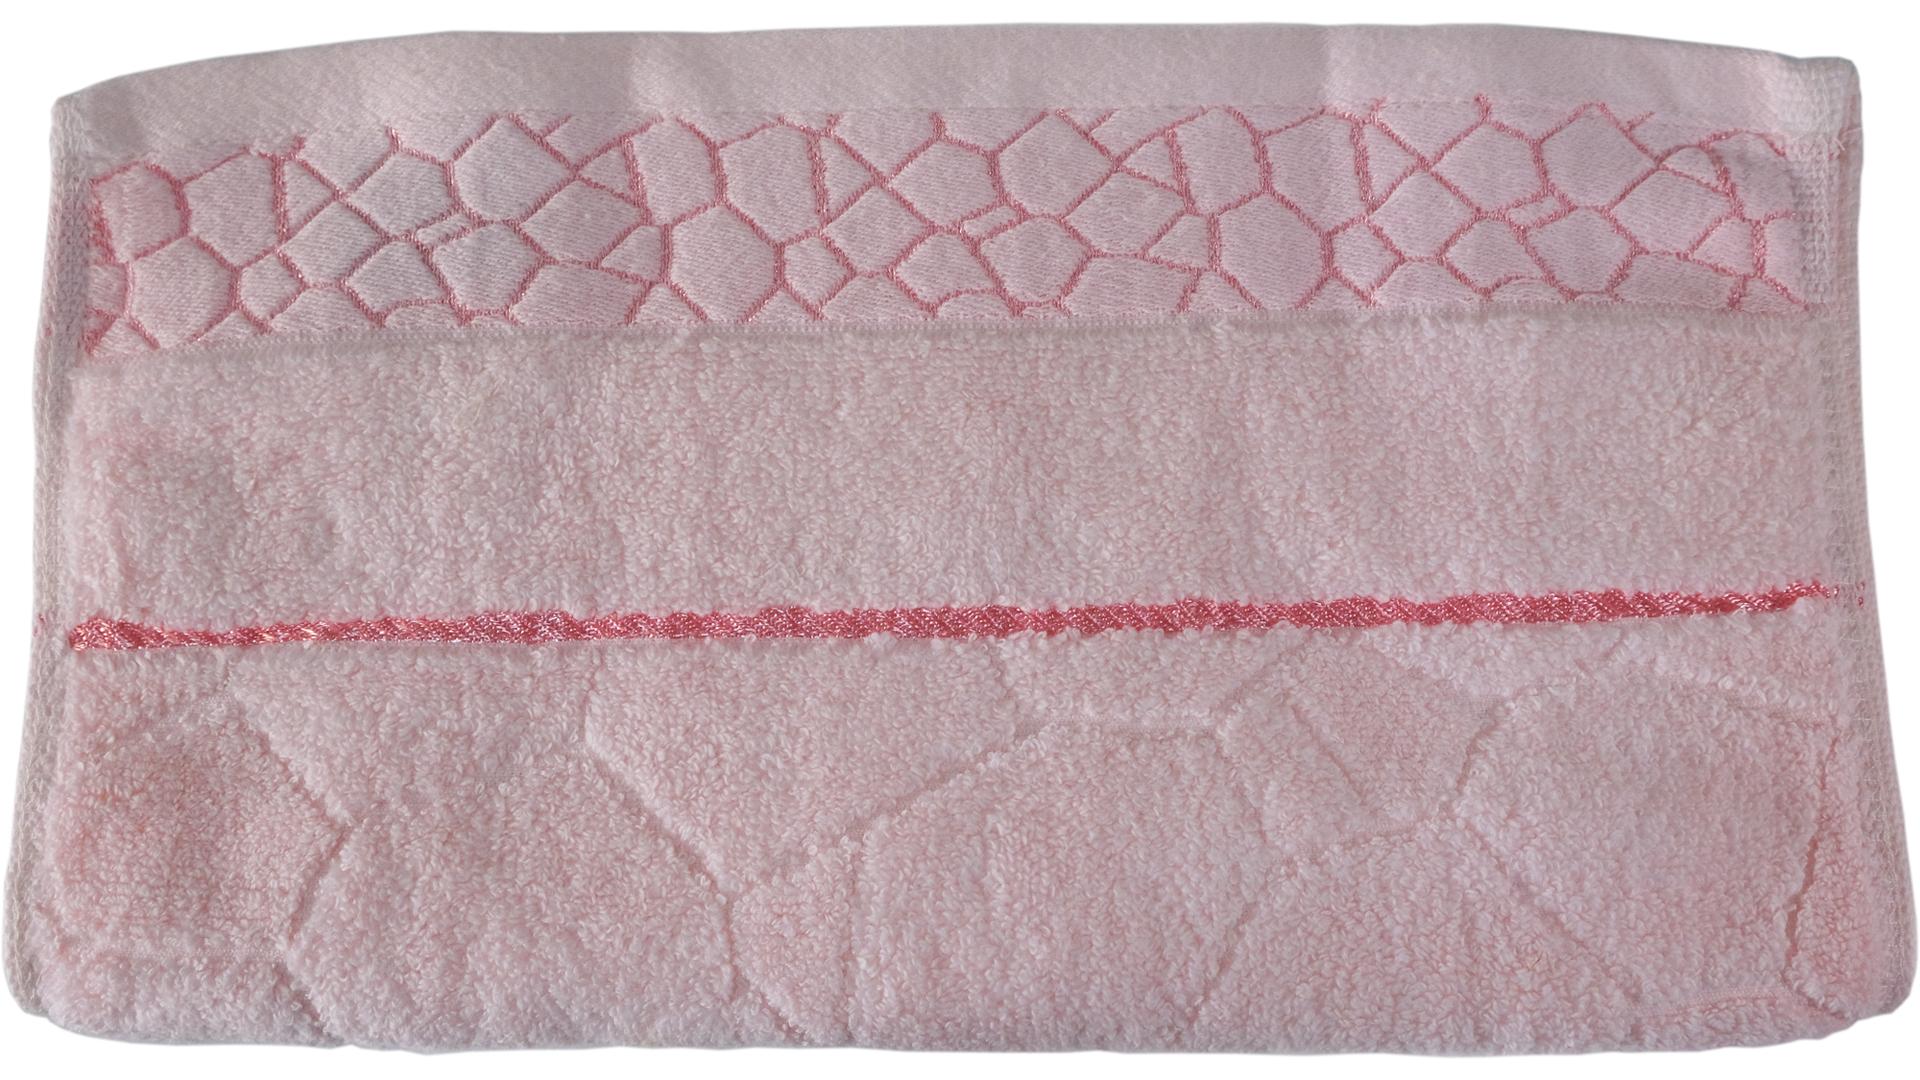 ผ้าขนหนู ผ้าเช็ดผม ผ้าเชํดมือ ฝ้ายไม่ตีเกลียว TCOT สีชมพู